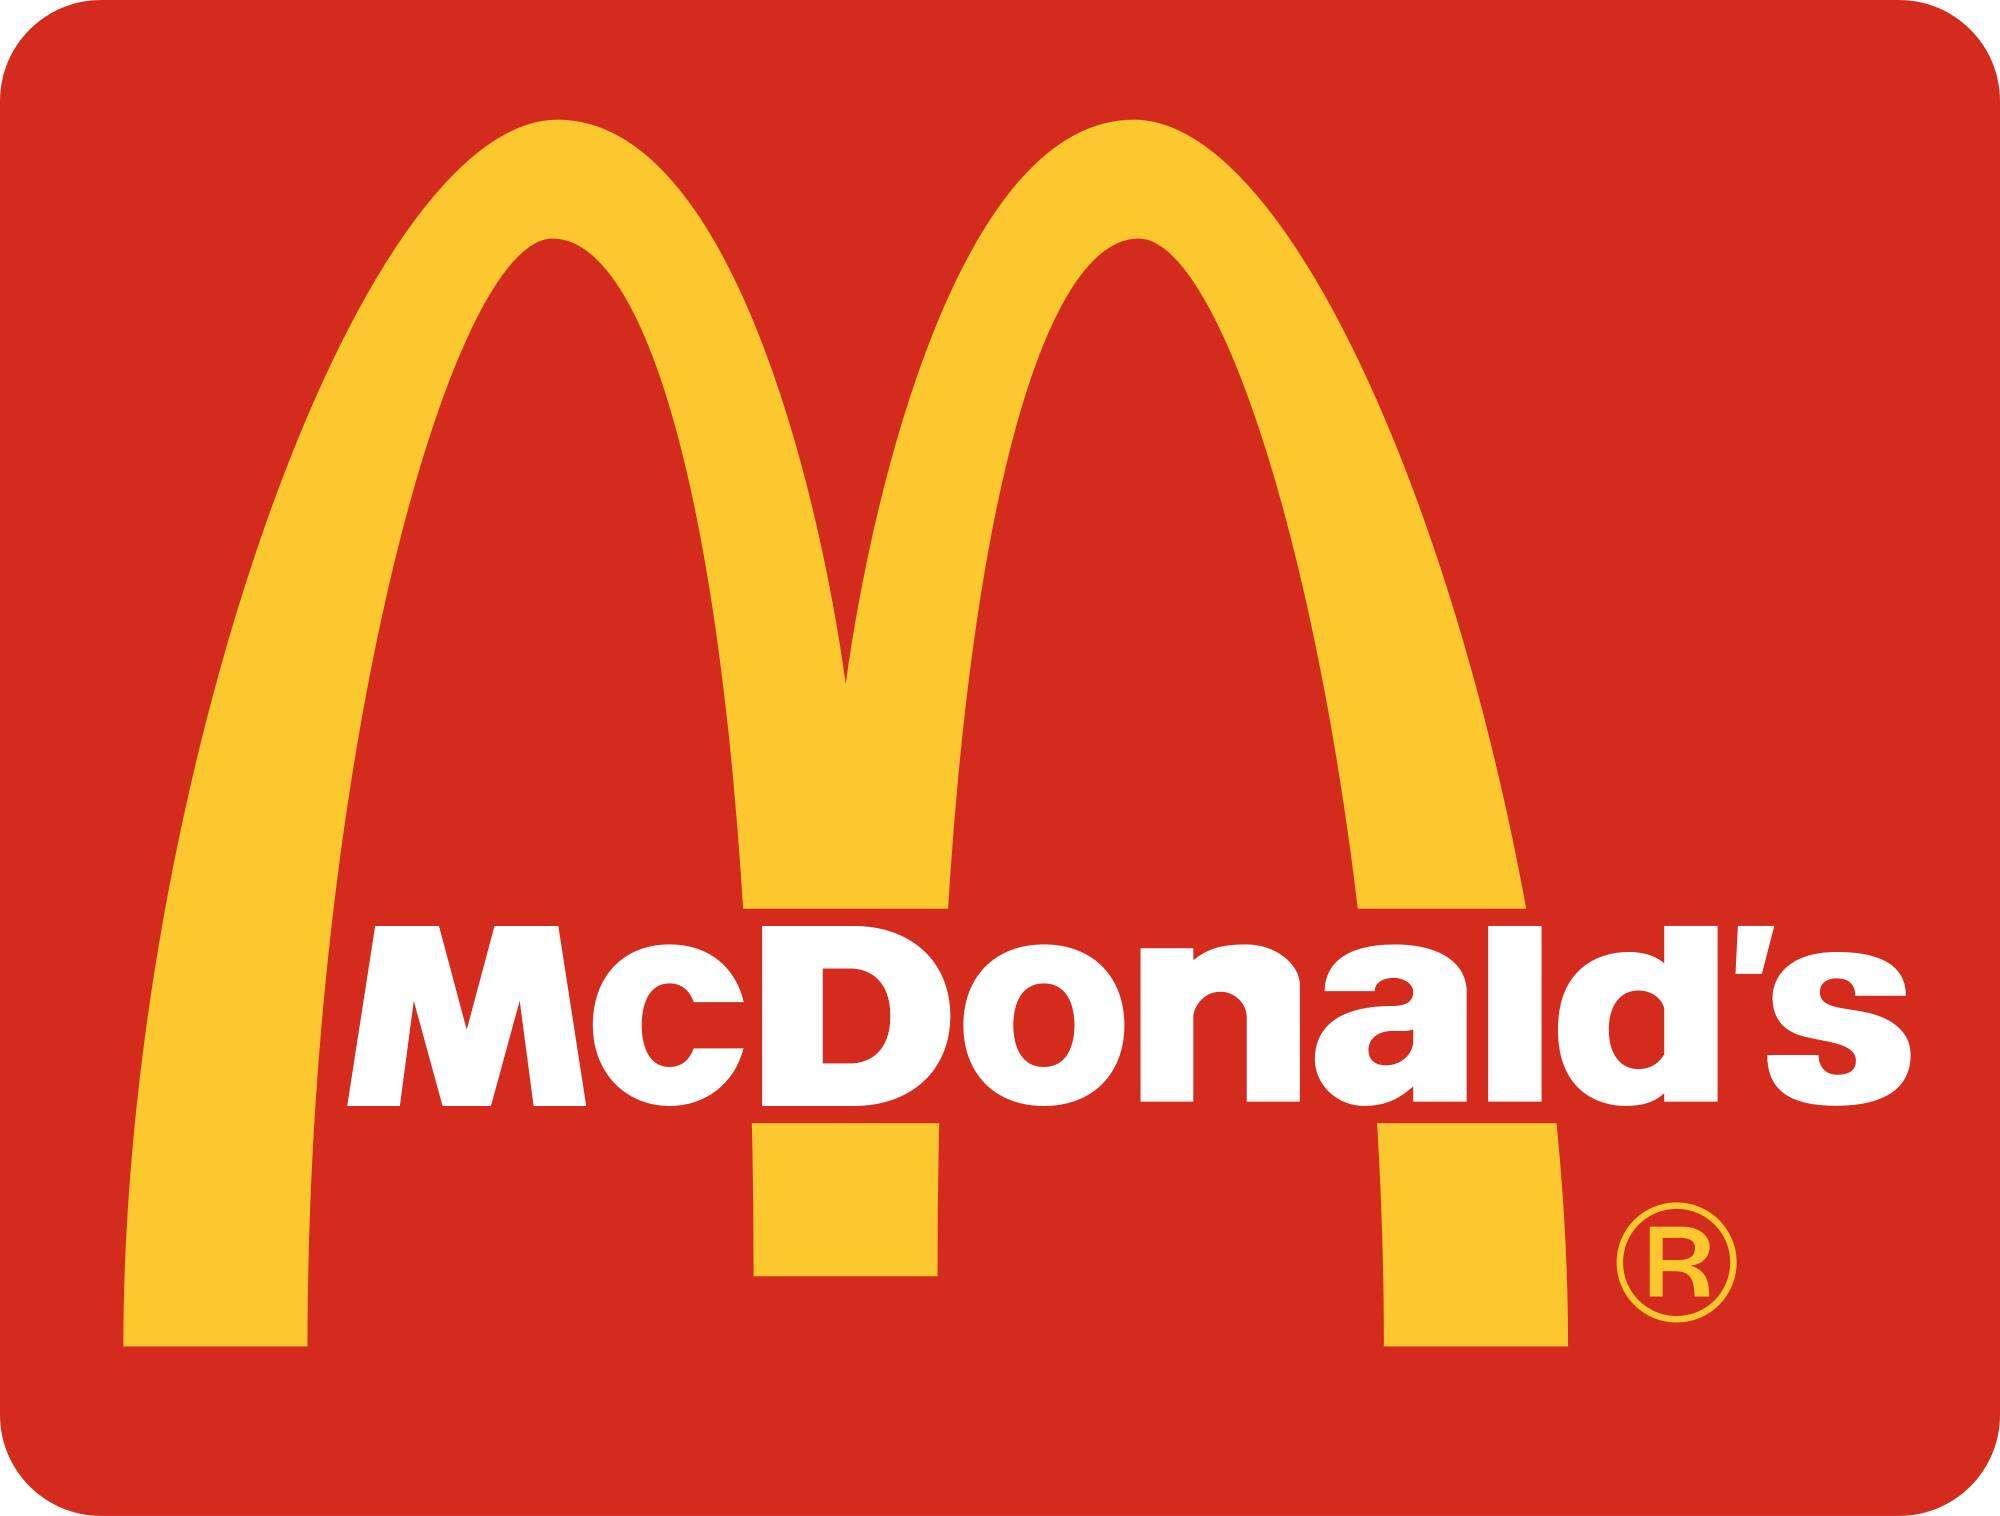 McDonalds Bayilik Şartları